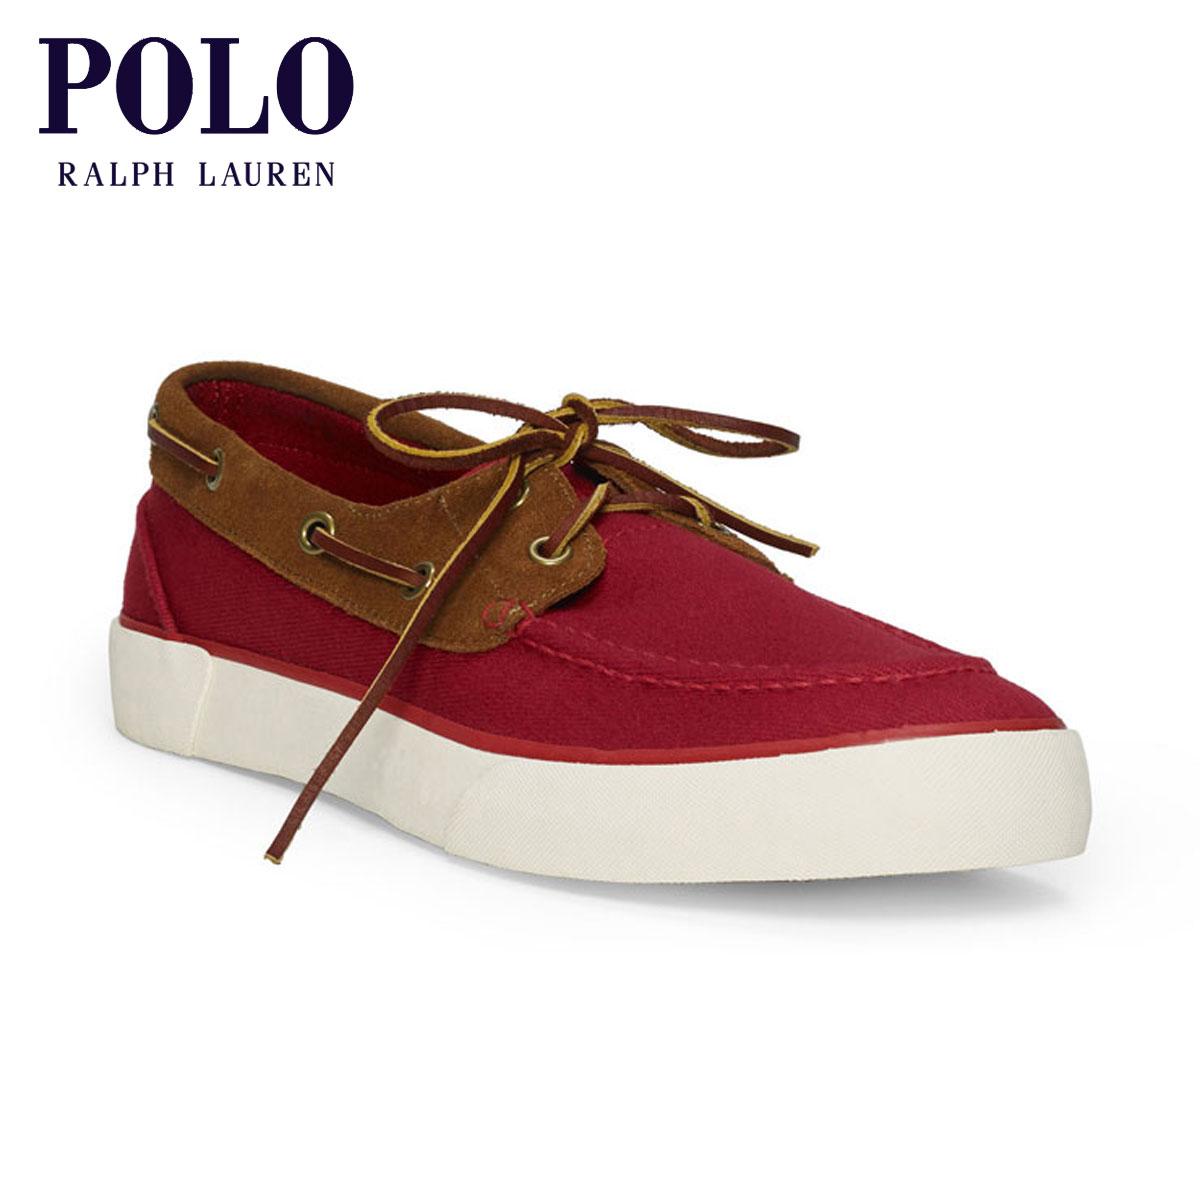 ポロ ラルフローレン POLO RALPH LAUREN 正規品 メンズ 靴 シューズ RYLANDER CHINO SNEAKER D20S 父の日